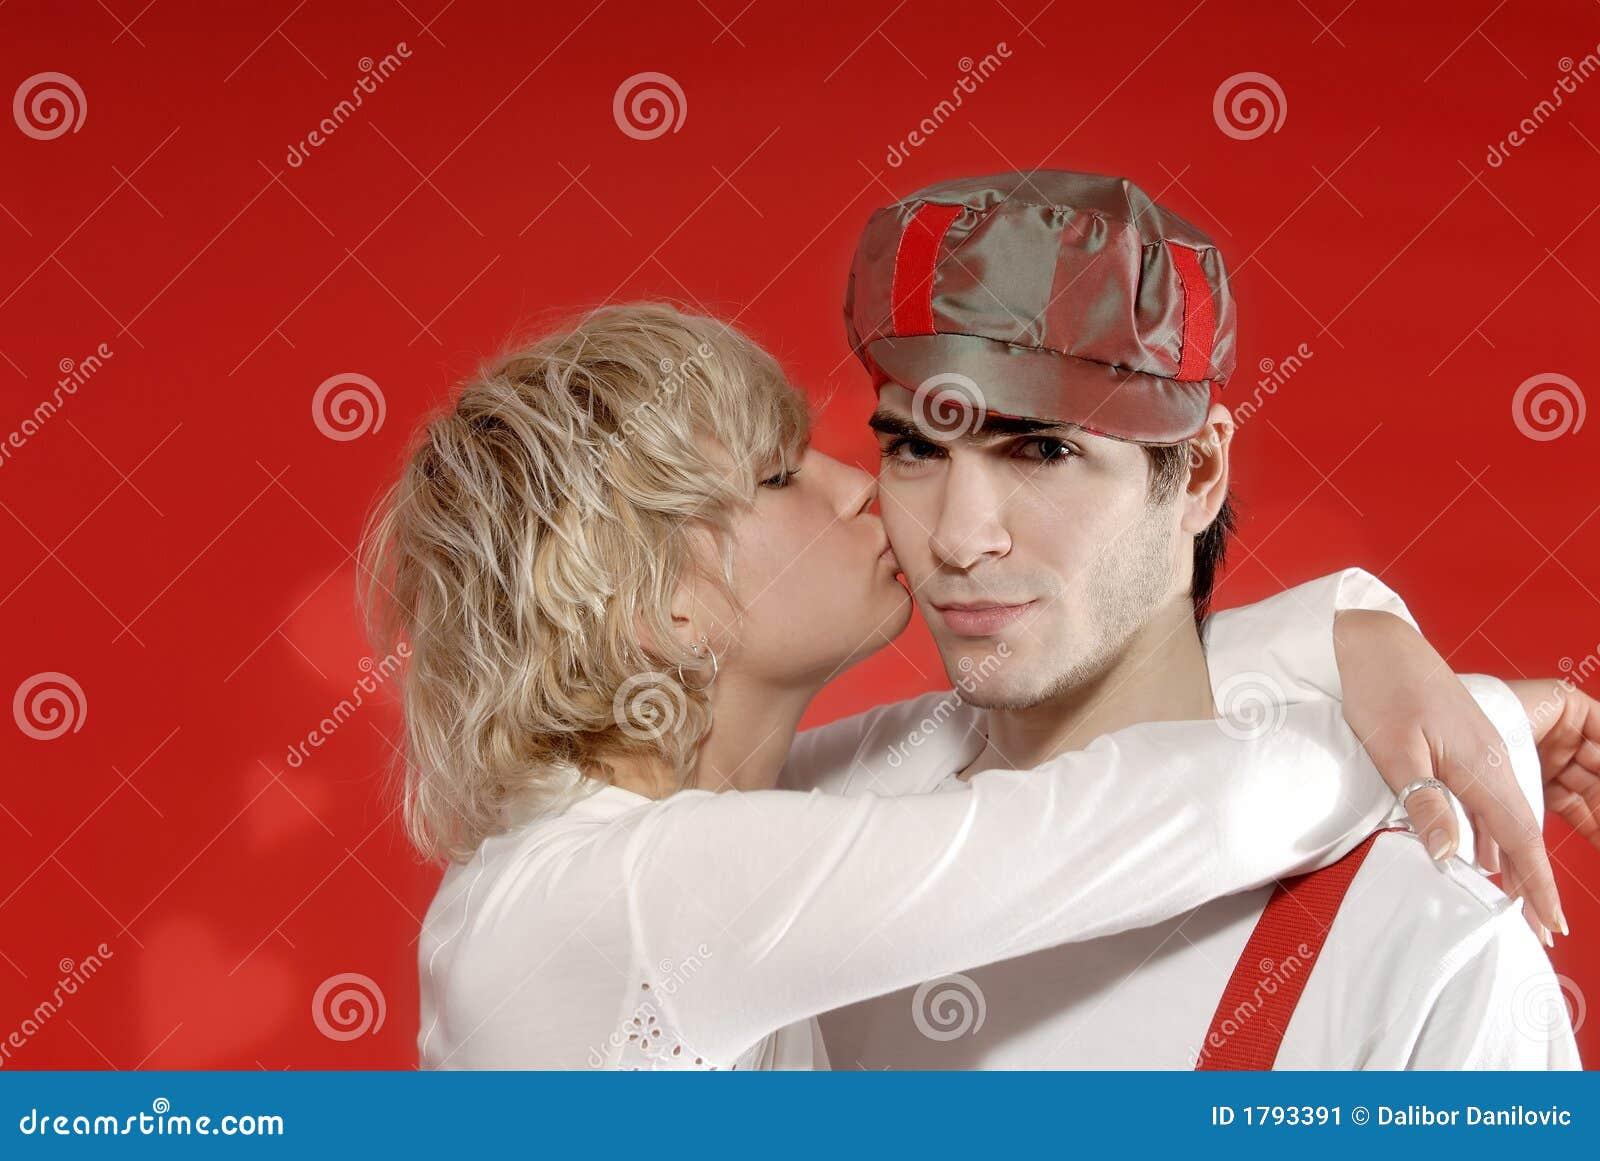 Biglietti di S. Valentino ragazza e ragazzo